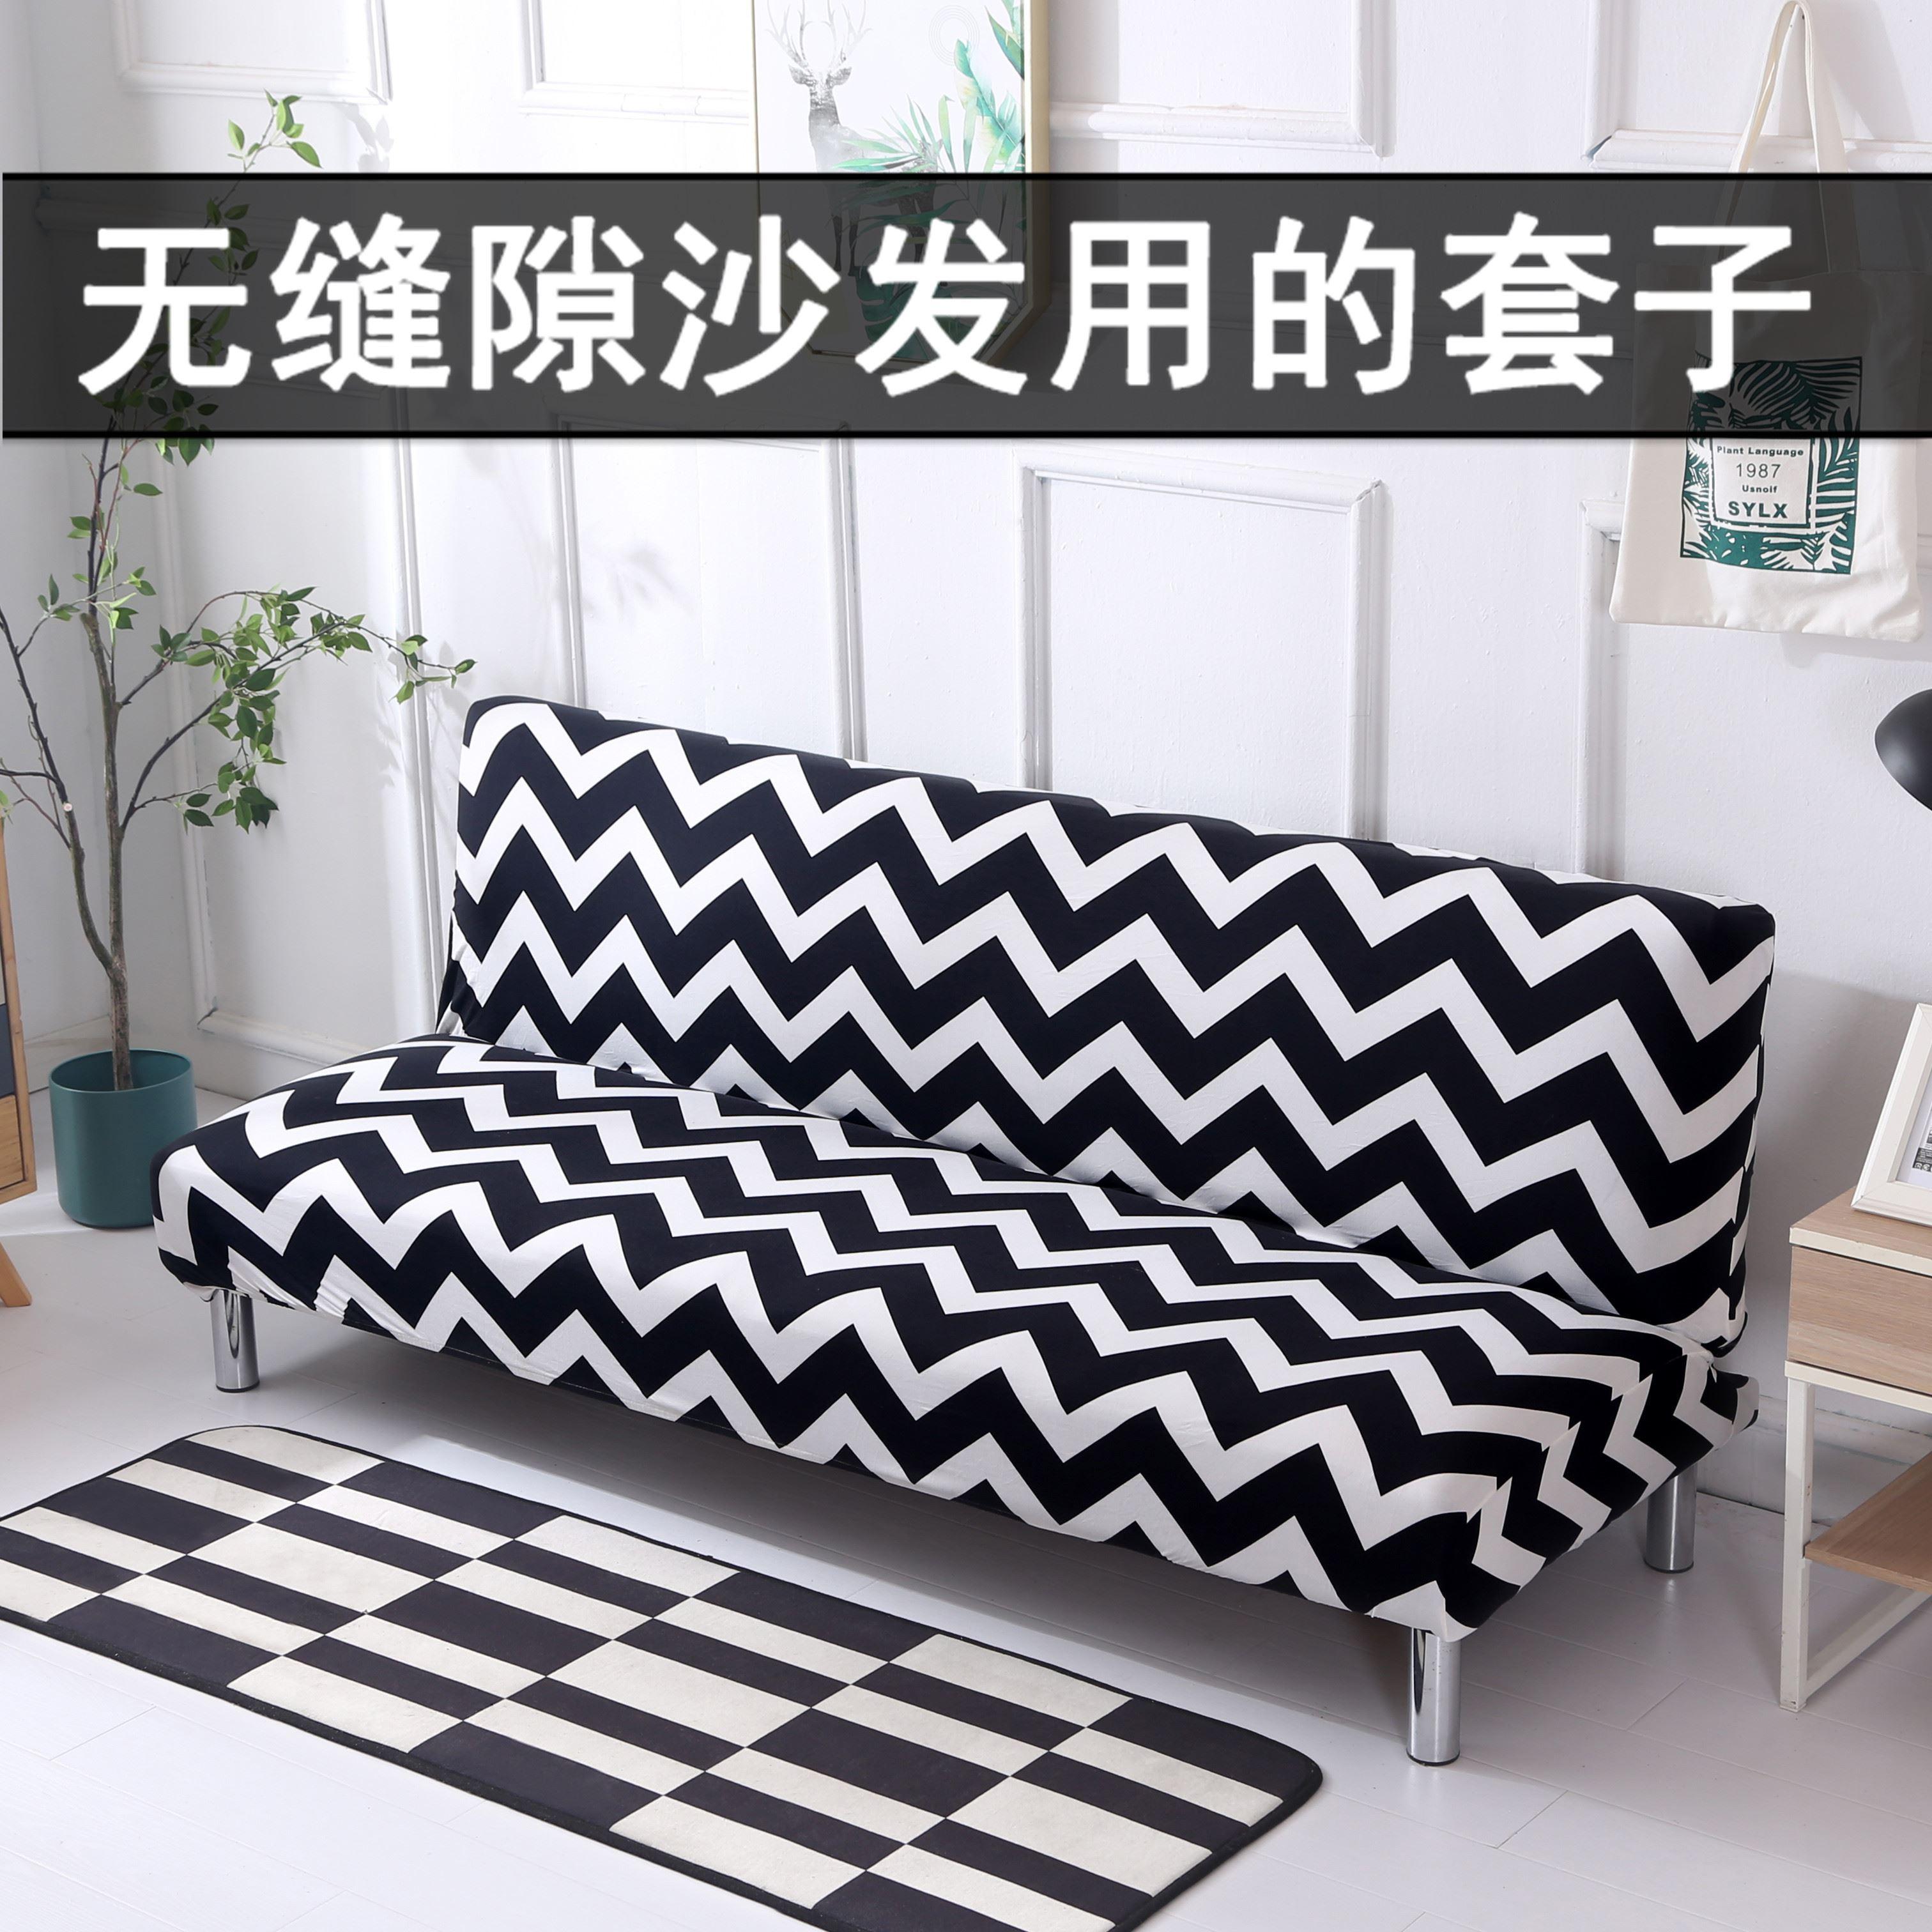 沙发套单色